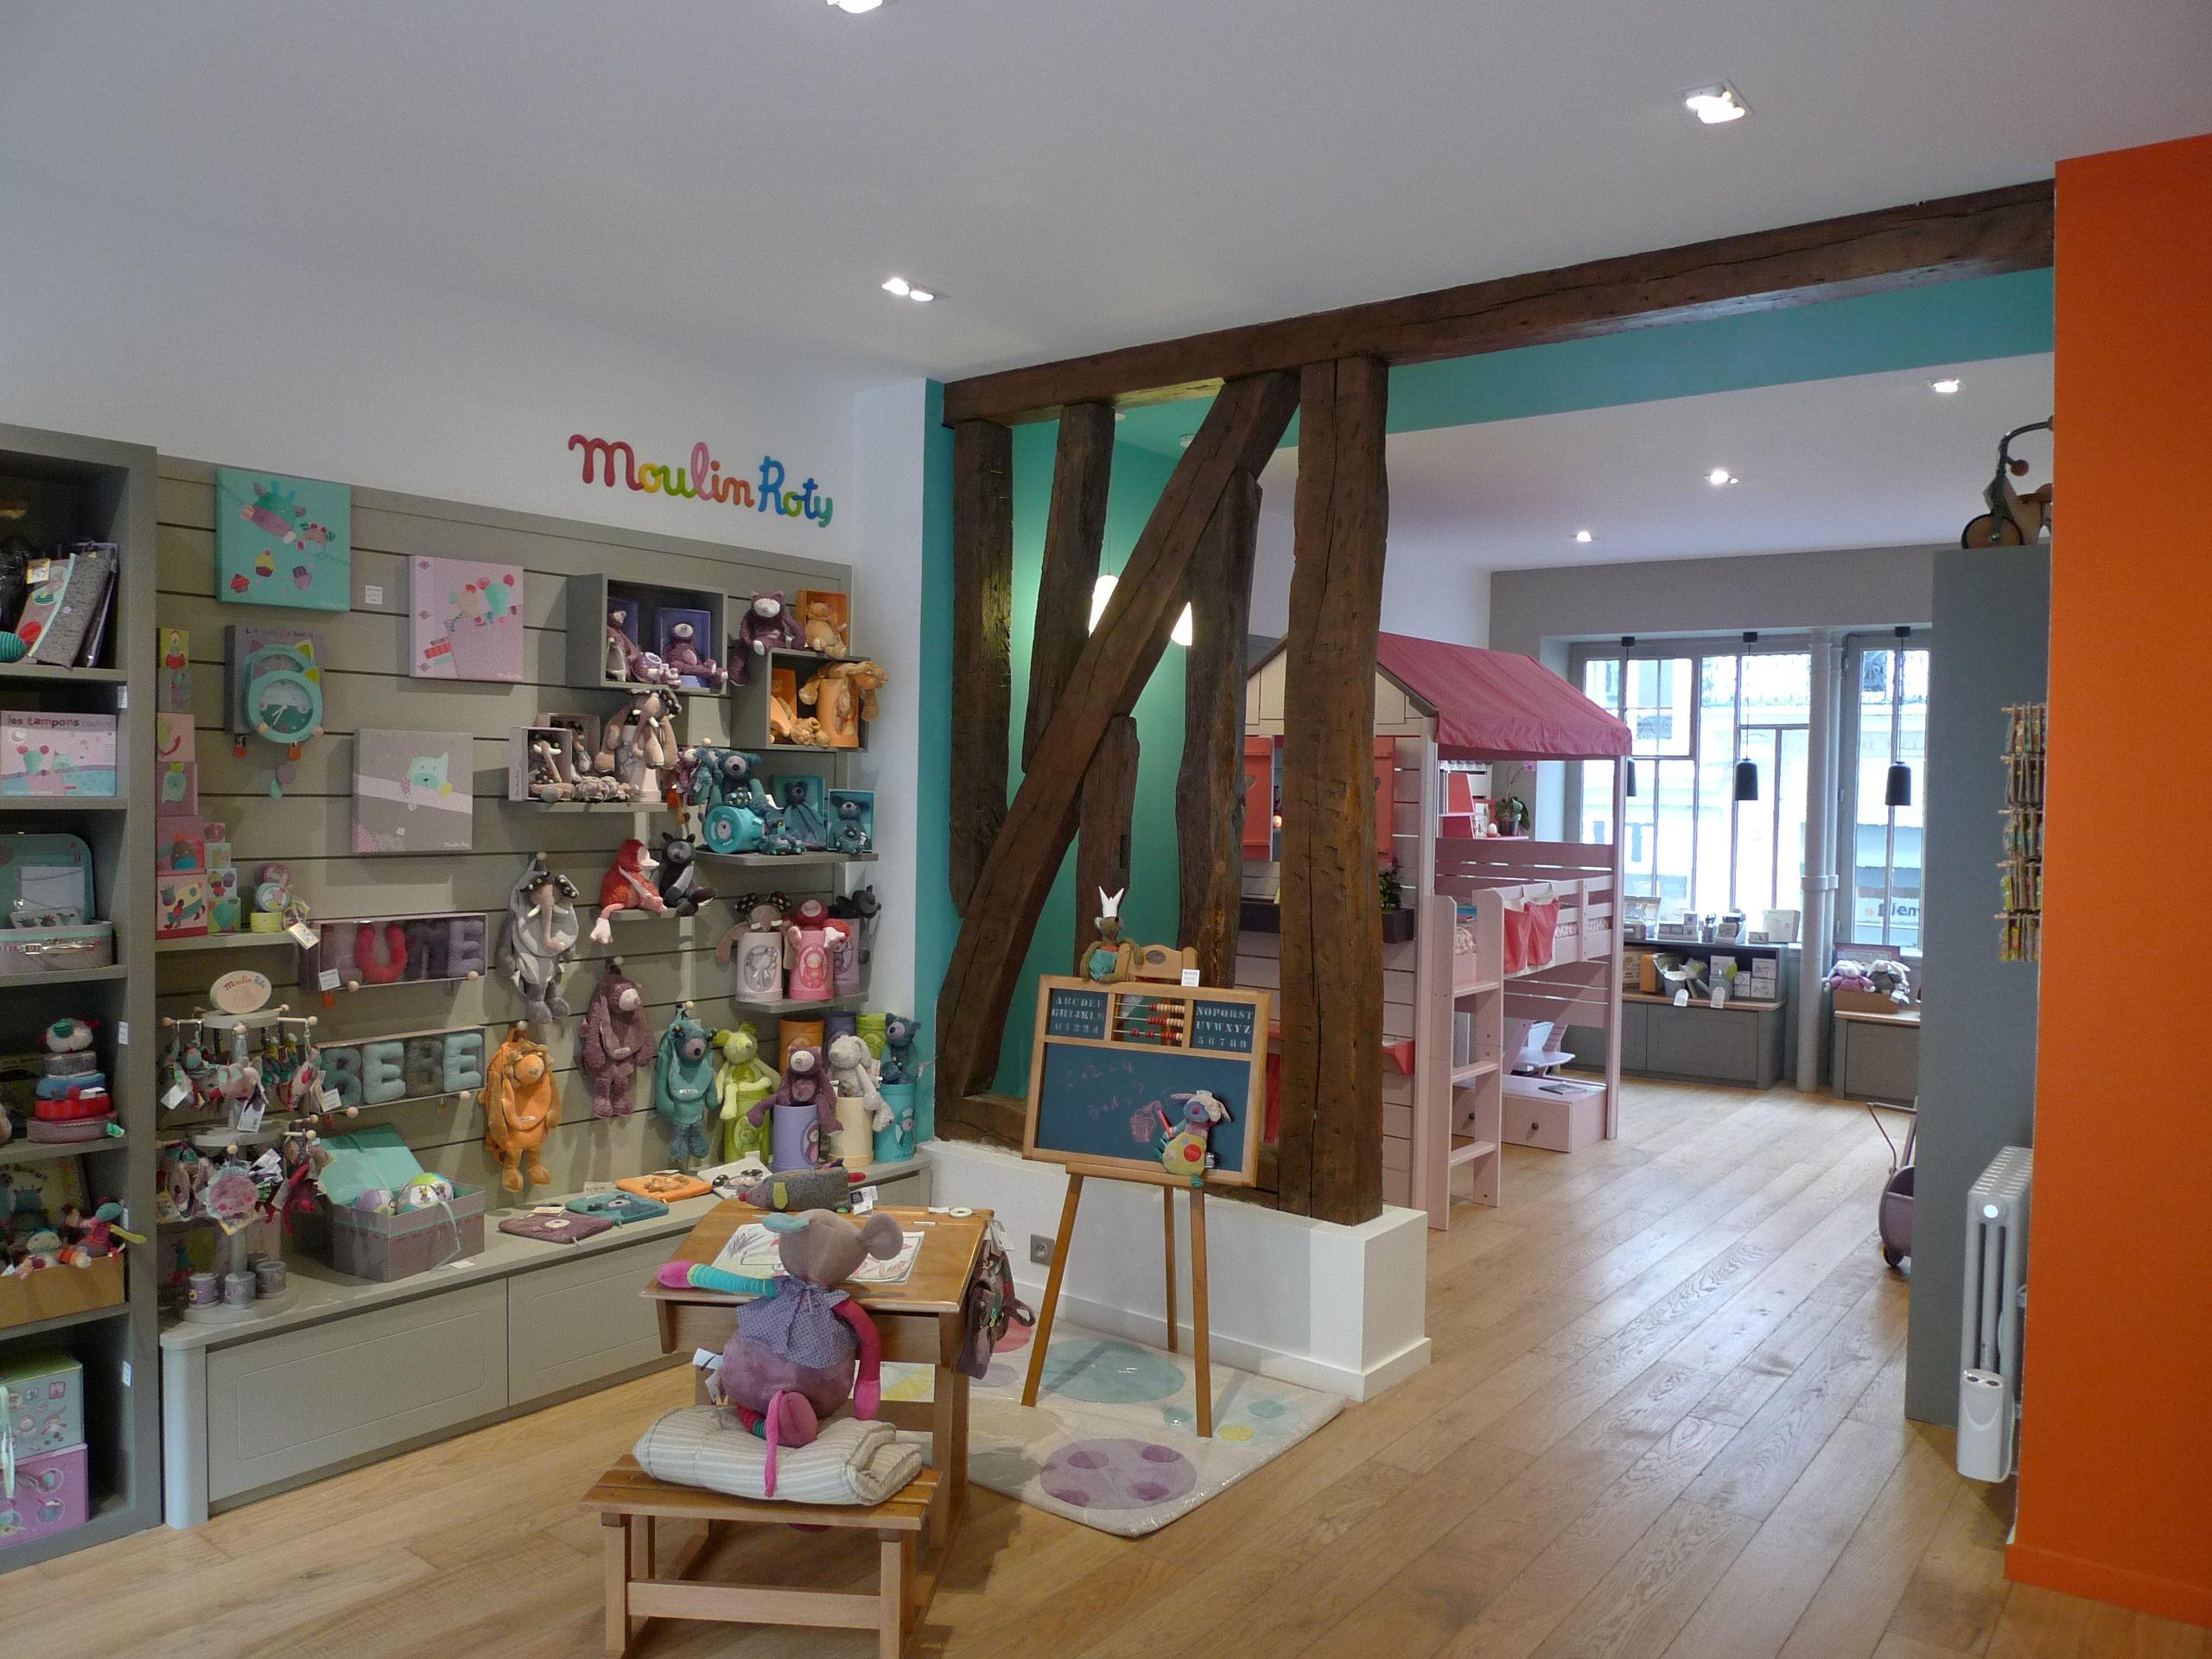 Magasin Jep Moulin Roty Paris Kids Pinterest Commercial Design # Muebles Jep Cali